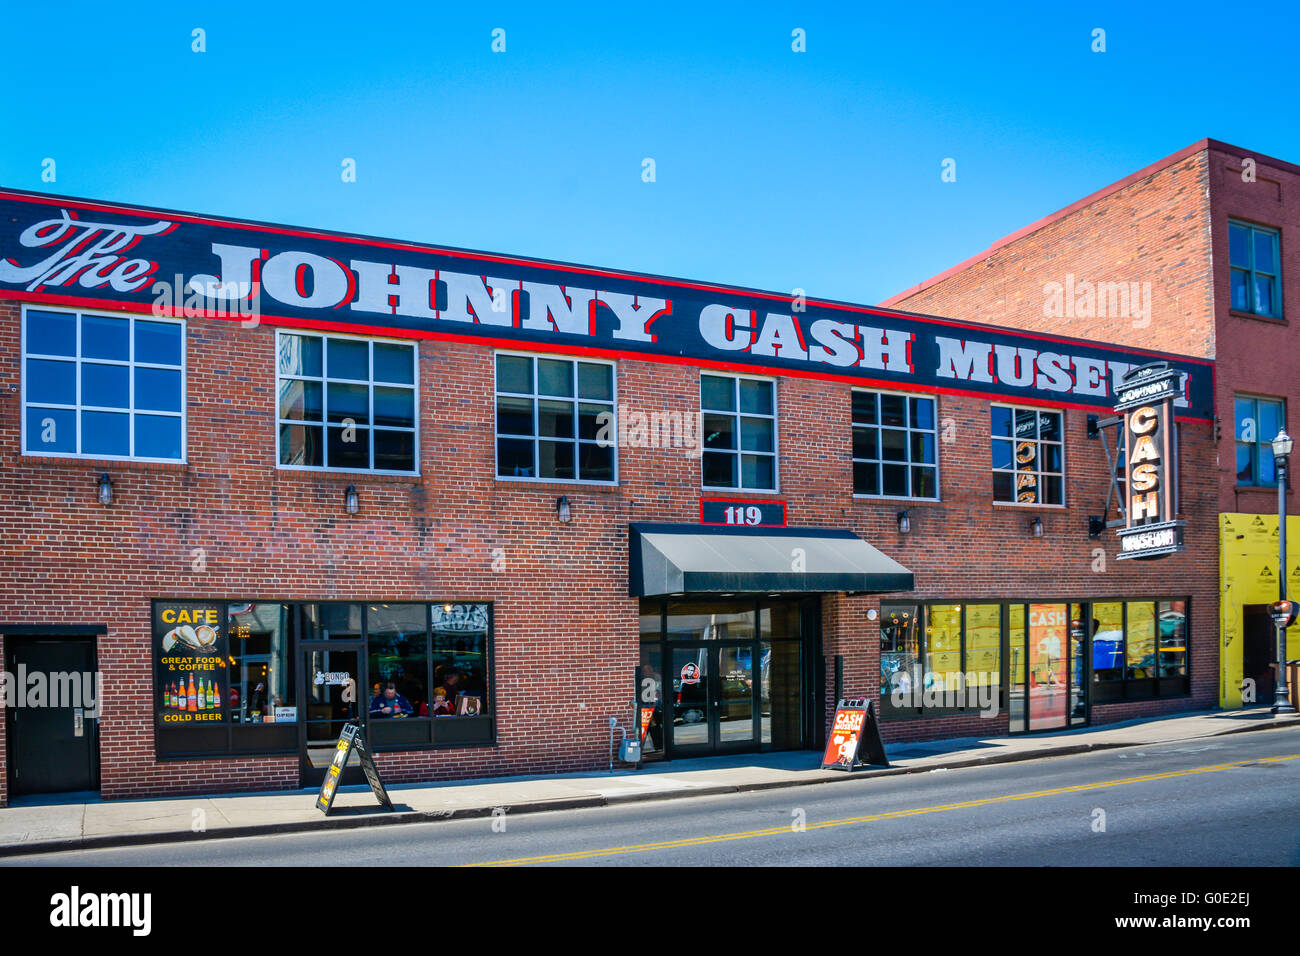 Un highlight per ventole, il Johnny Cash Museum di Nashville TN è ospitato in un antico edificio di mattoni Immagini Stock